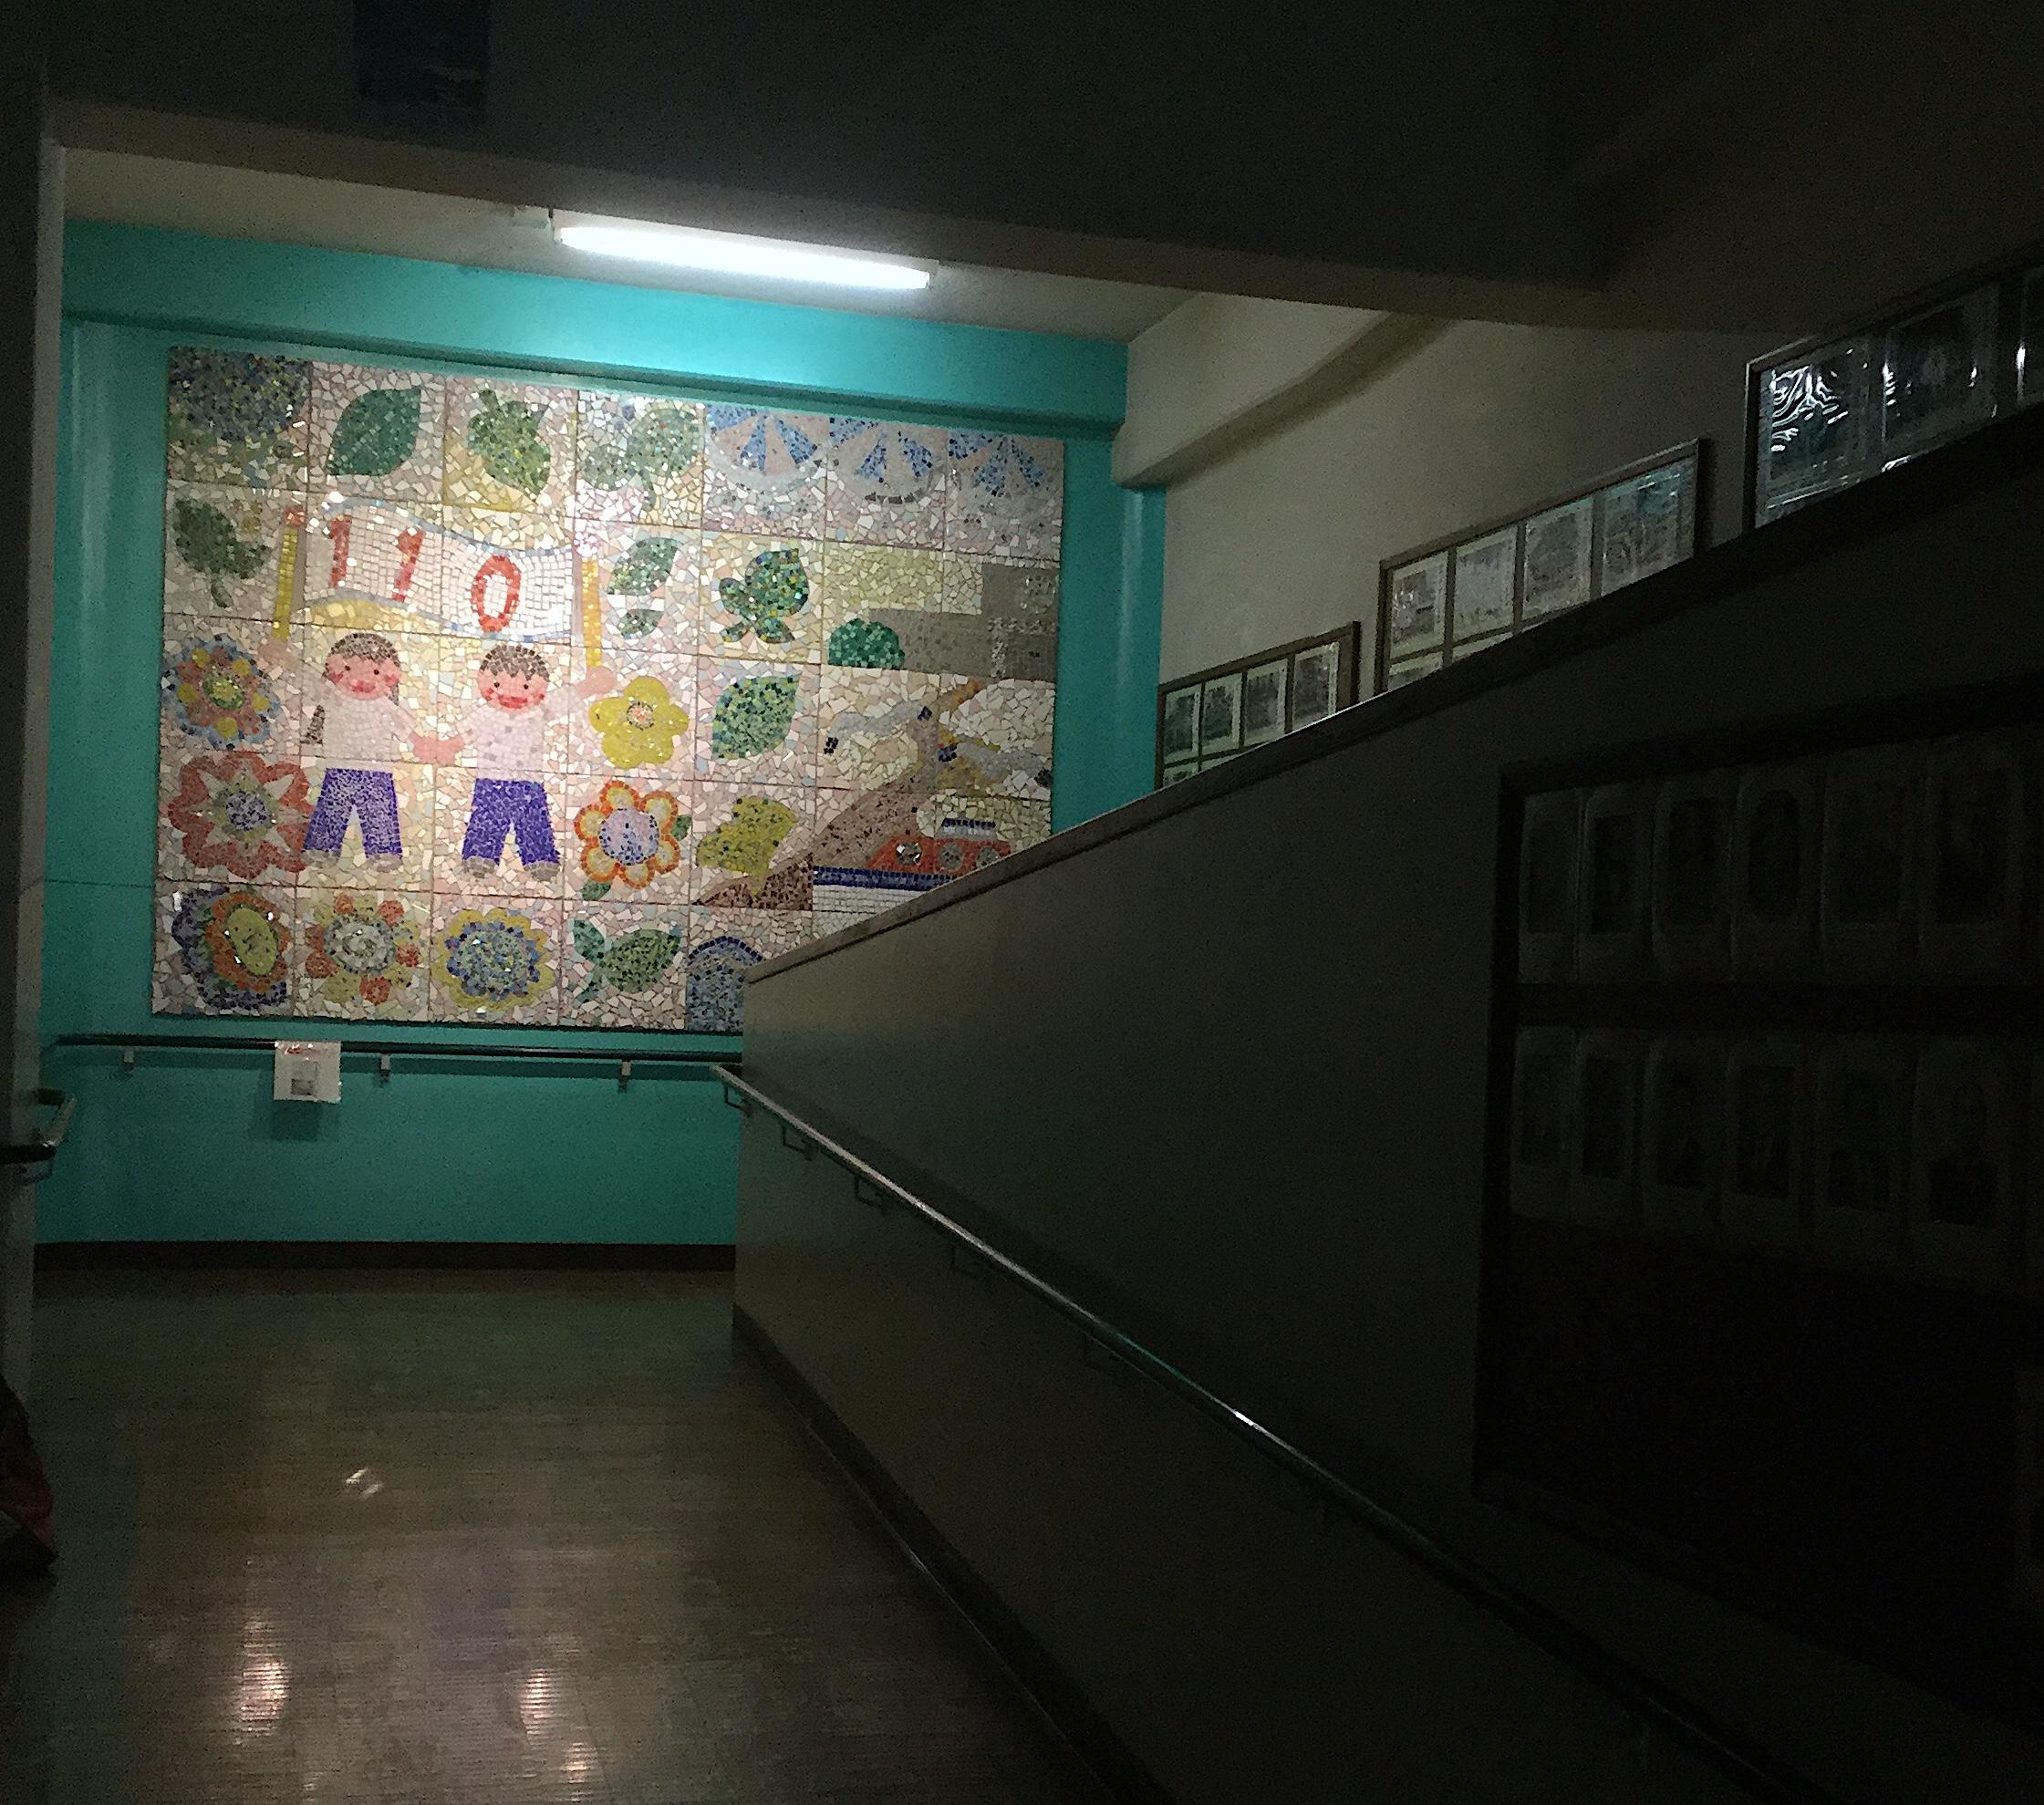 学校モザイクアート壁画設置後の校内階段スロープ箇所の壁面